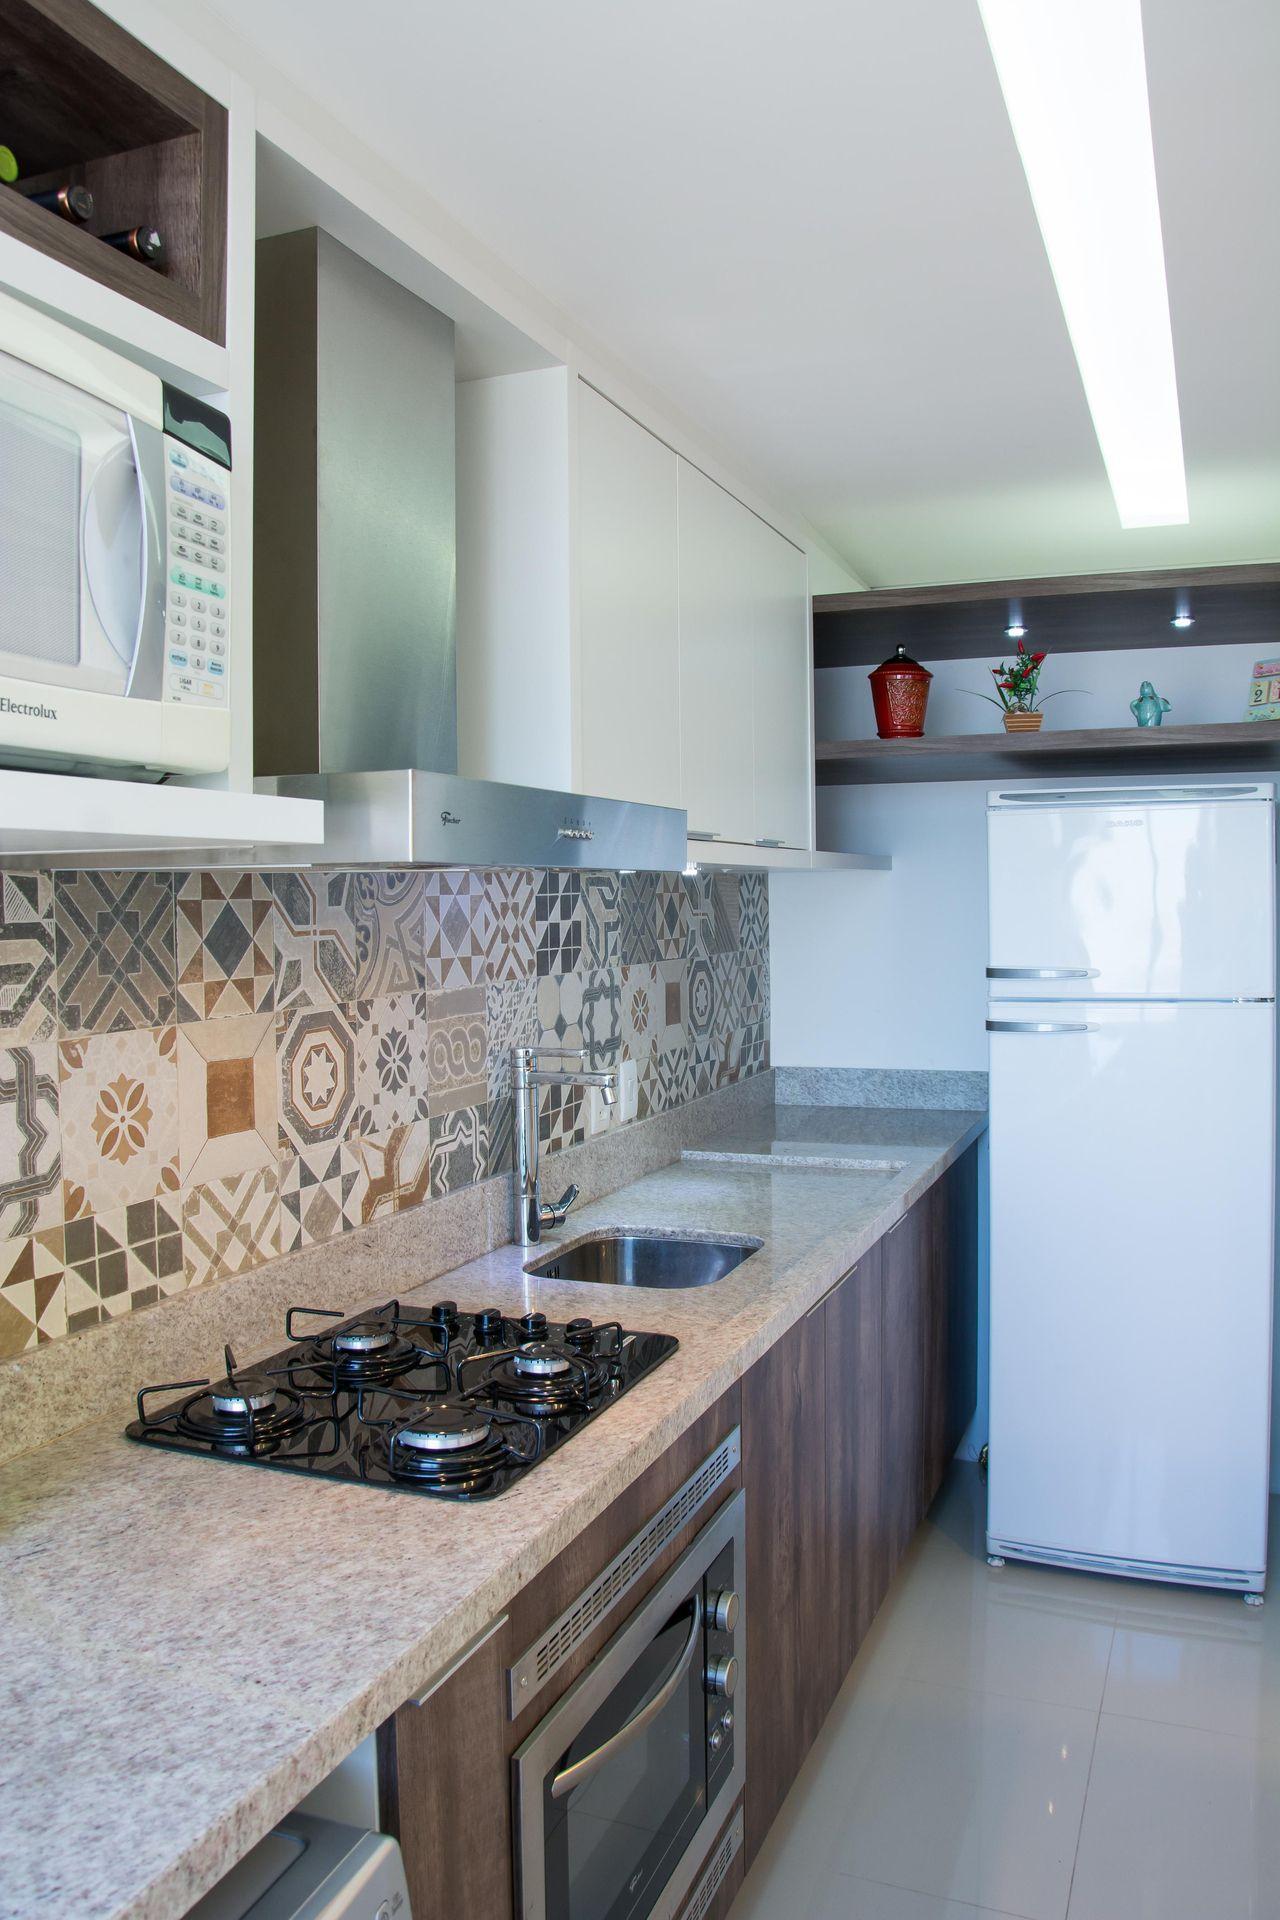 Cozinha Compacta Somopar Camila Beyato Com V Rios Desenhos Sobre